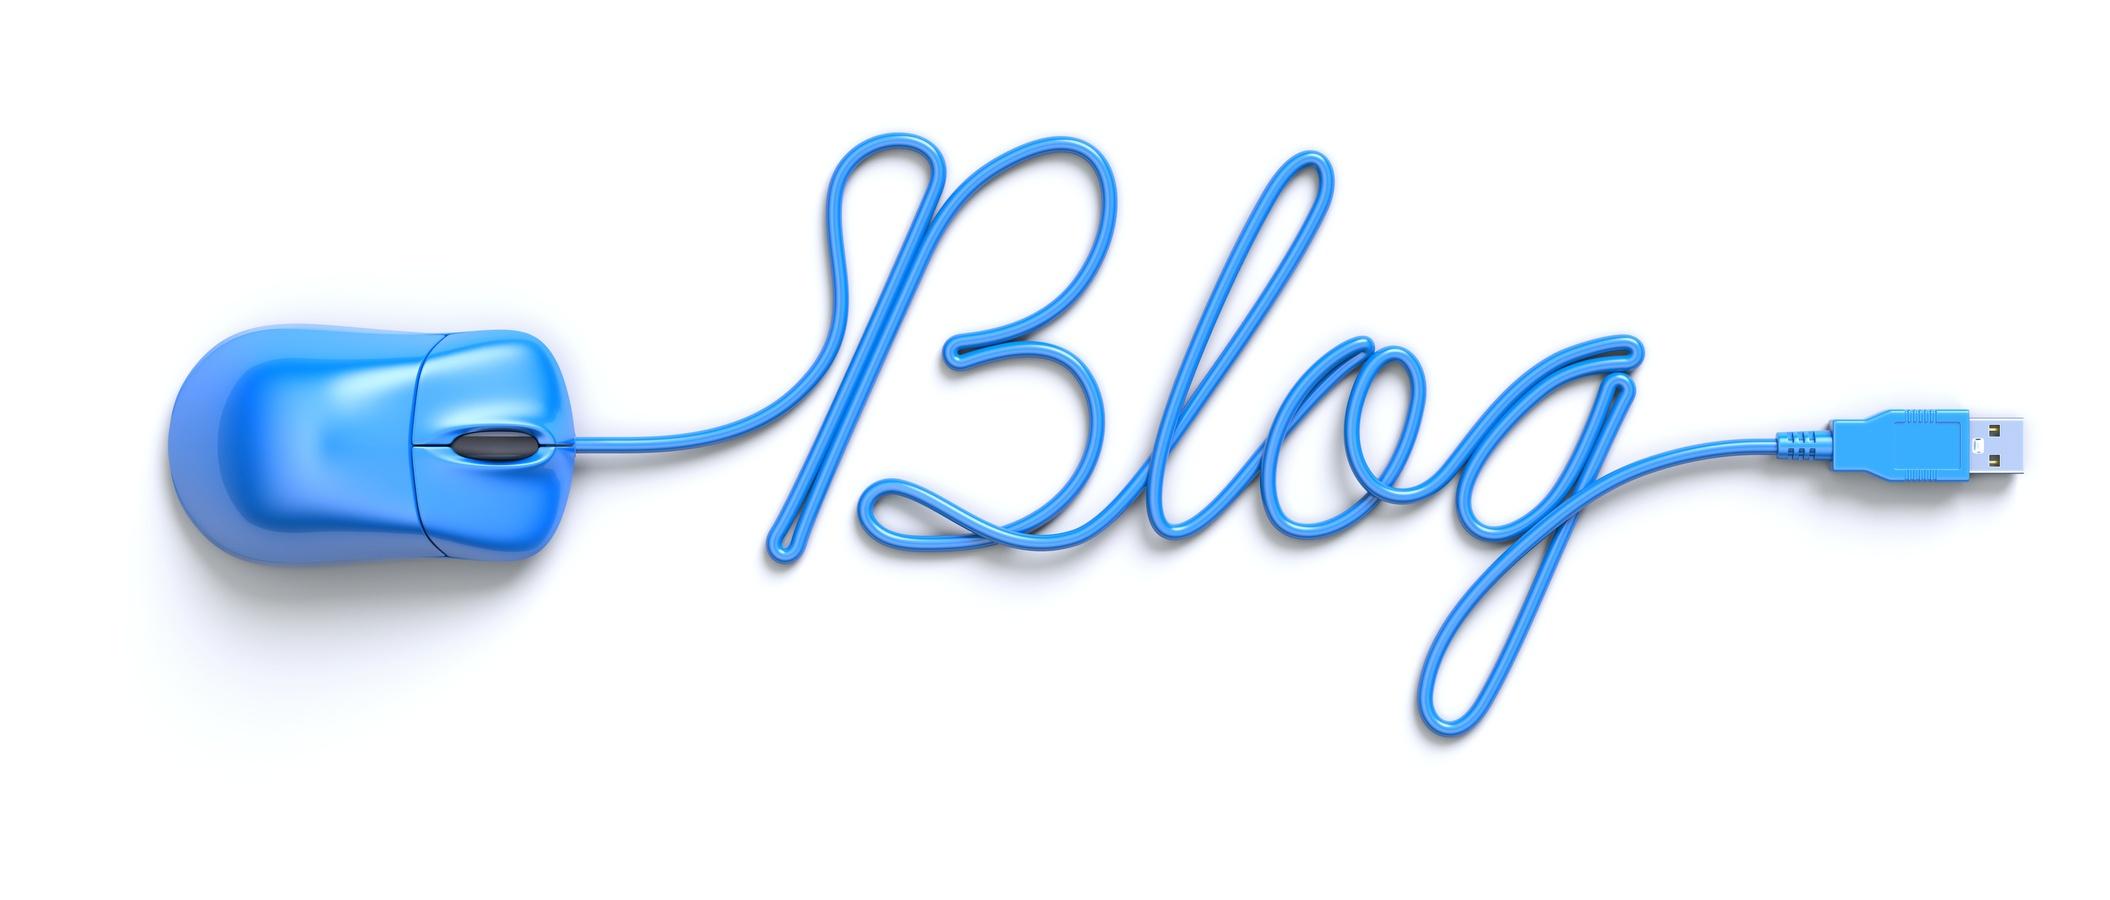 Tại sao phải phát triển Blog xây dựng blog bằng wordpress